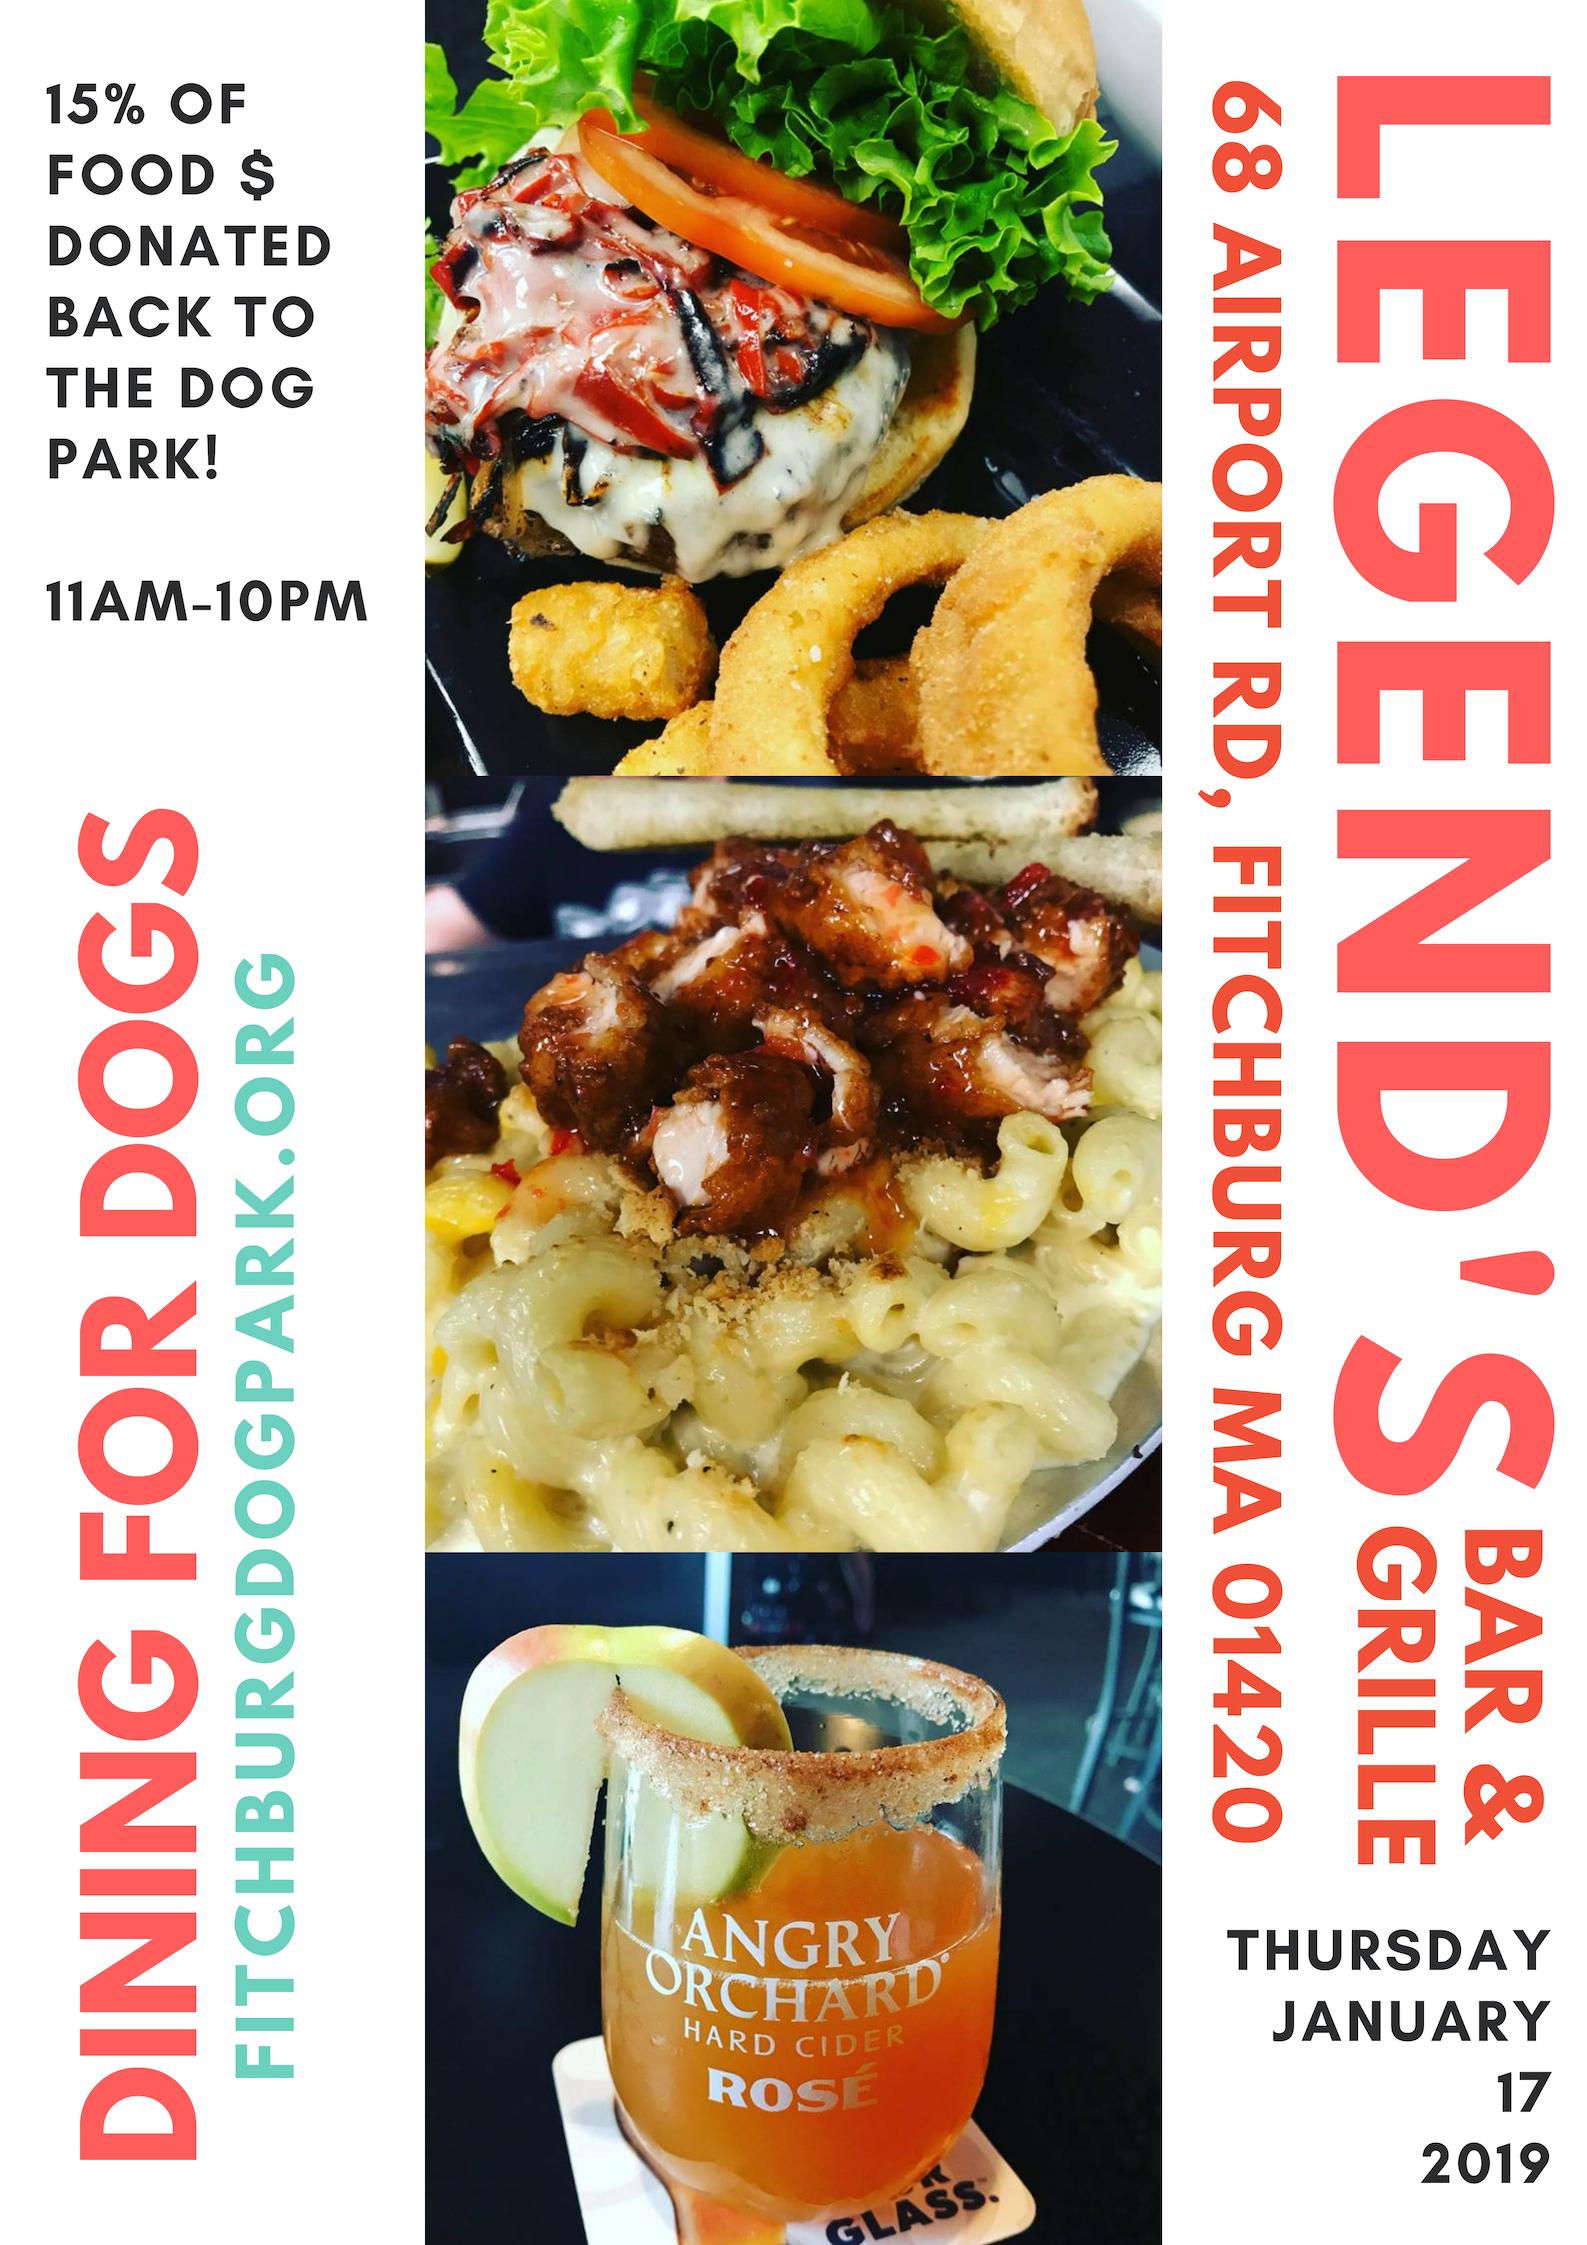 Legends 1-17-19 Dining for Dog Park